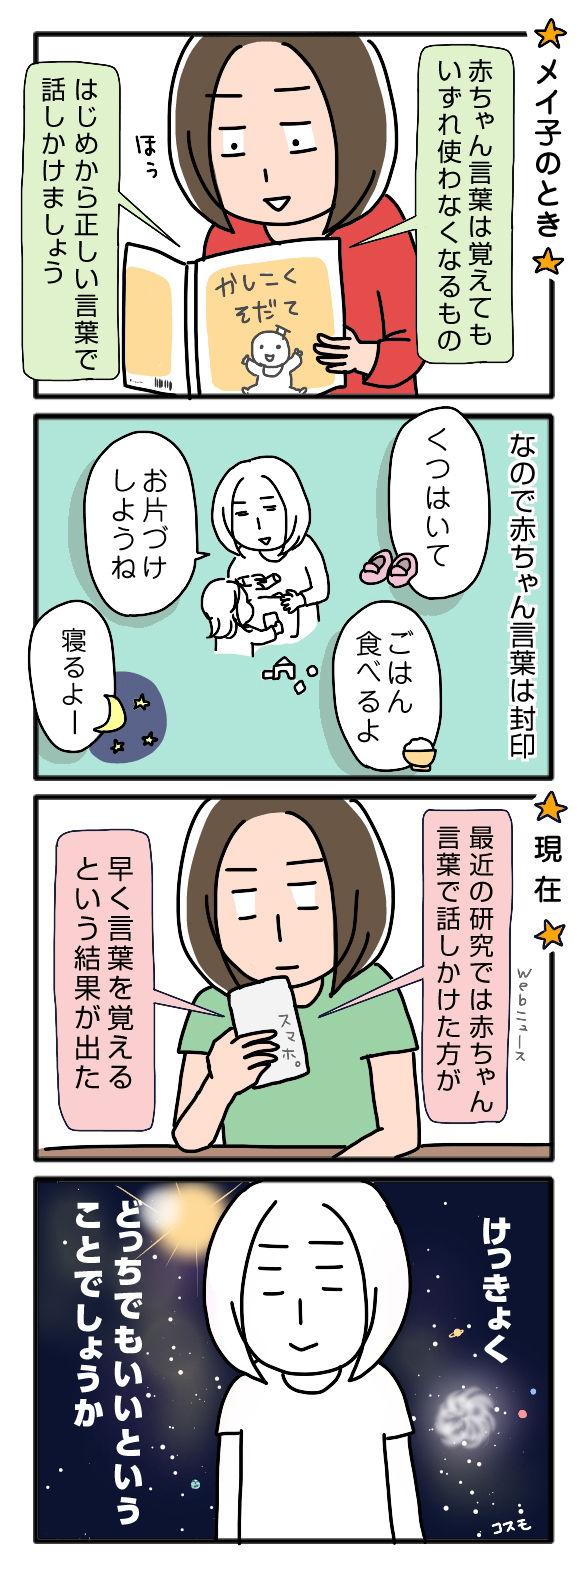 赤ちゃん言葉01